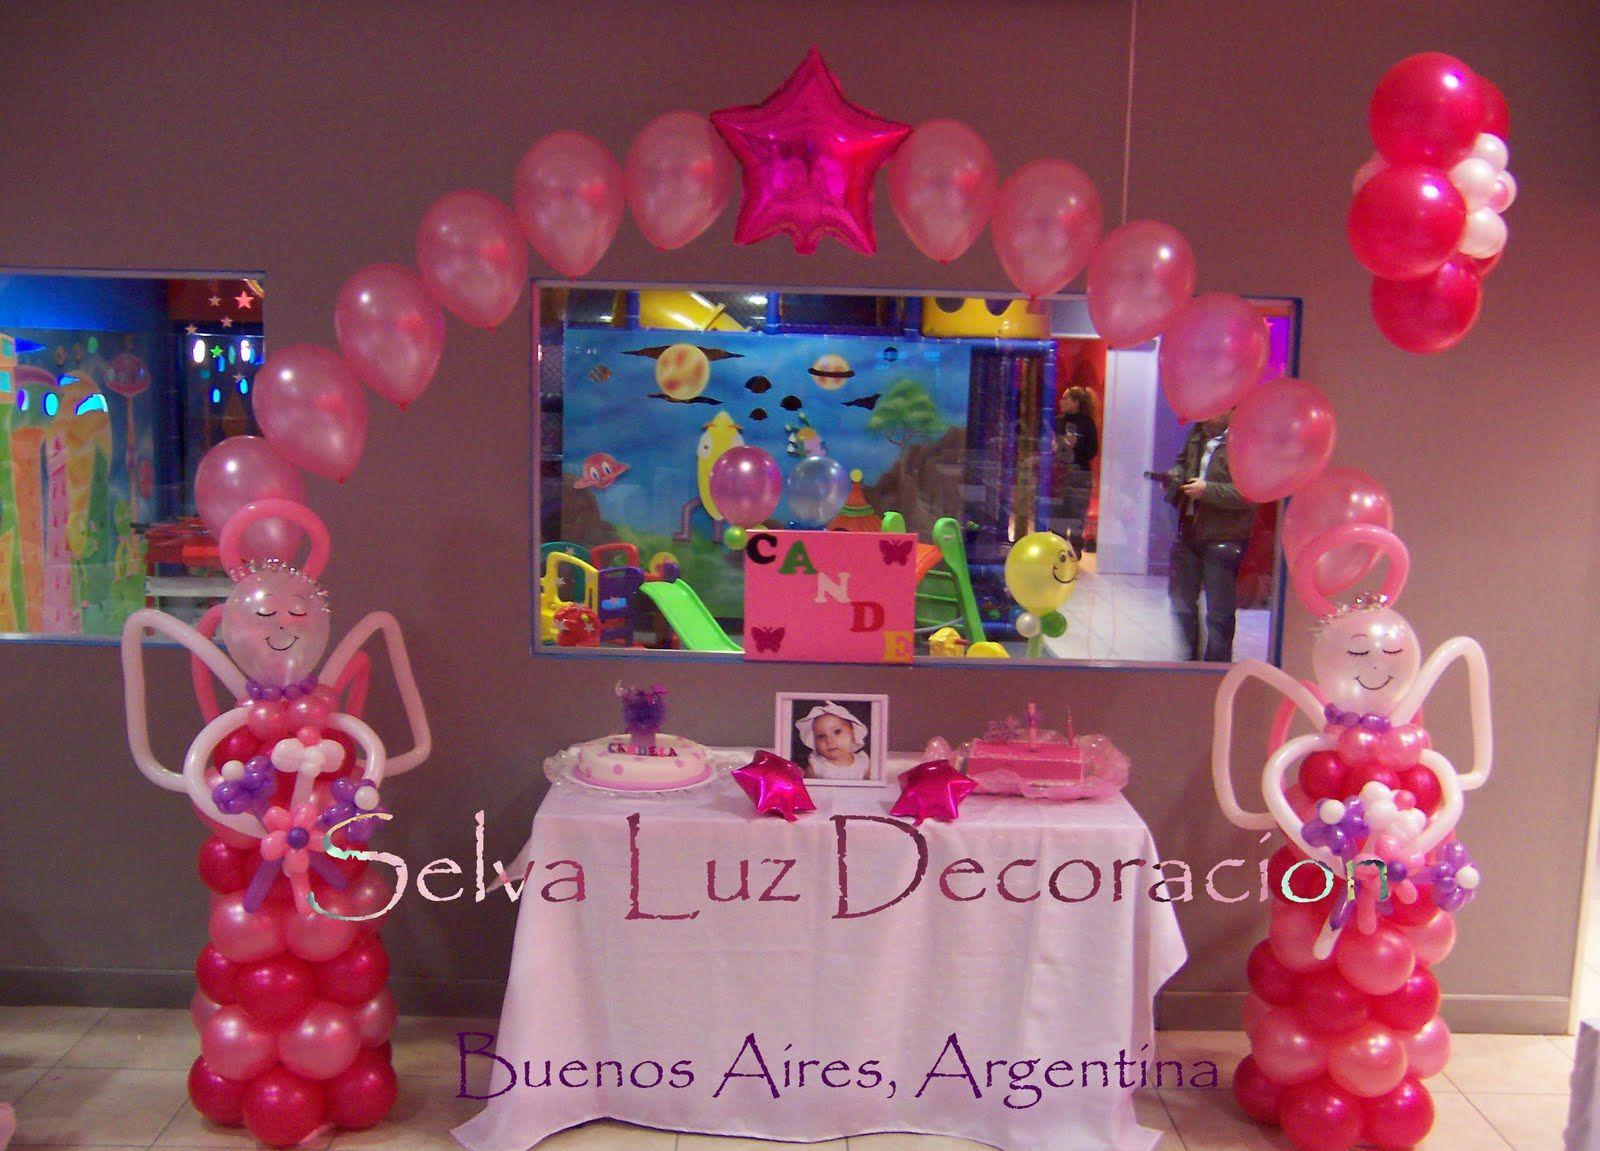 Decoracion de arcos para xv selva luz decoraci n con - Decoracion de globos ...